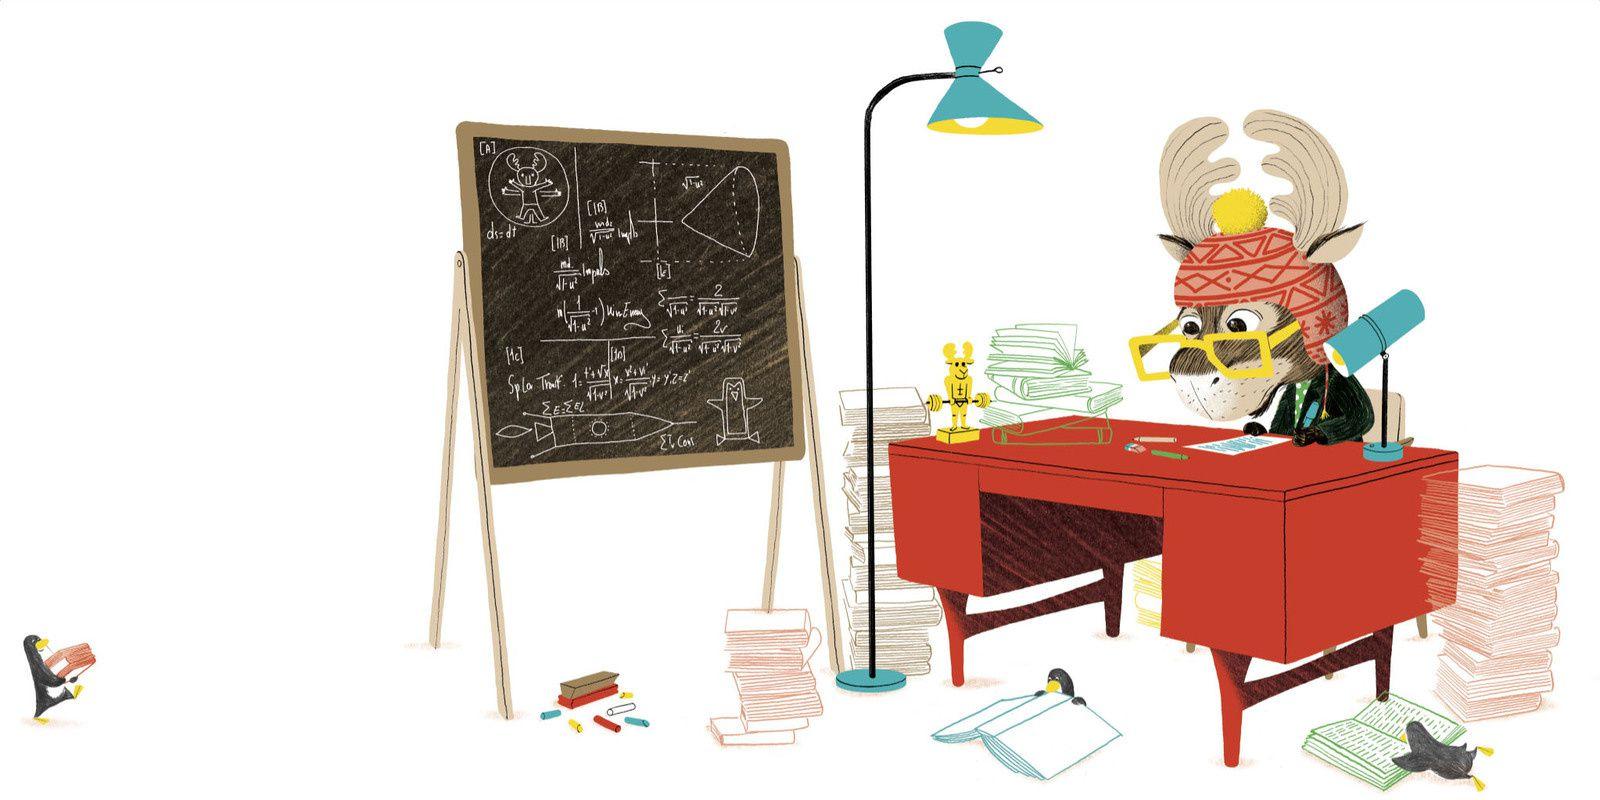 """Dans une semaine c'est la rentrée des classes. Et dans trois jours sort """"Pourquoi je ne suis plus ton amoureux"""" aux éditions du Seuil jeunesse : les vacances c'est fini, jeudi rendez-vous chez votre libraire préféré, avec ou sans cartable."""